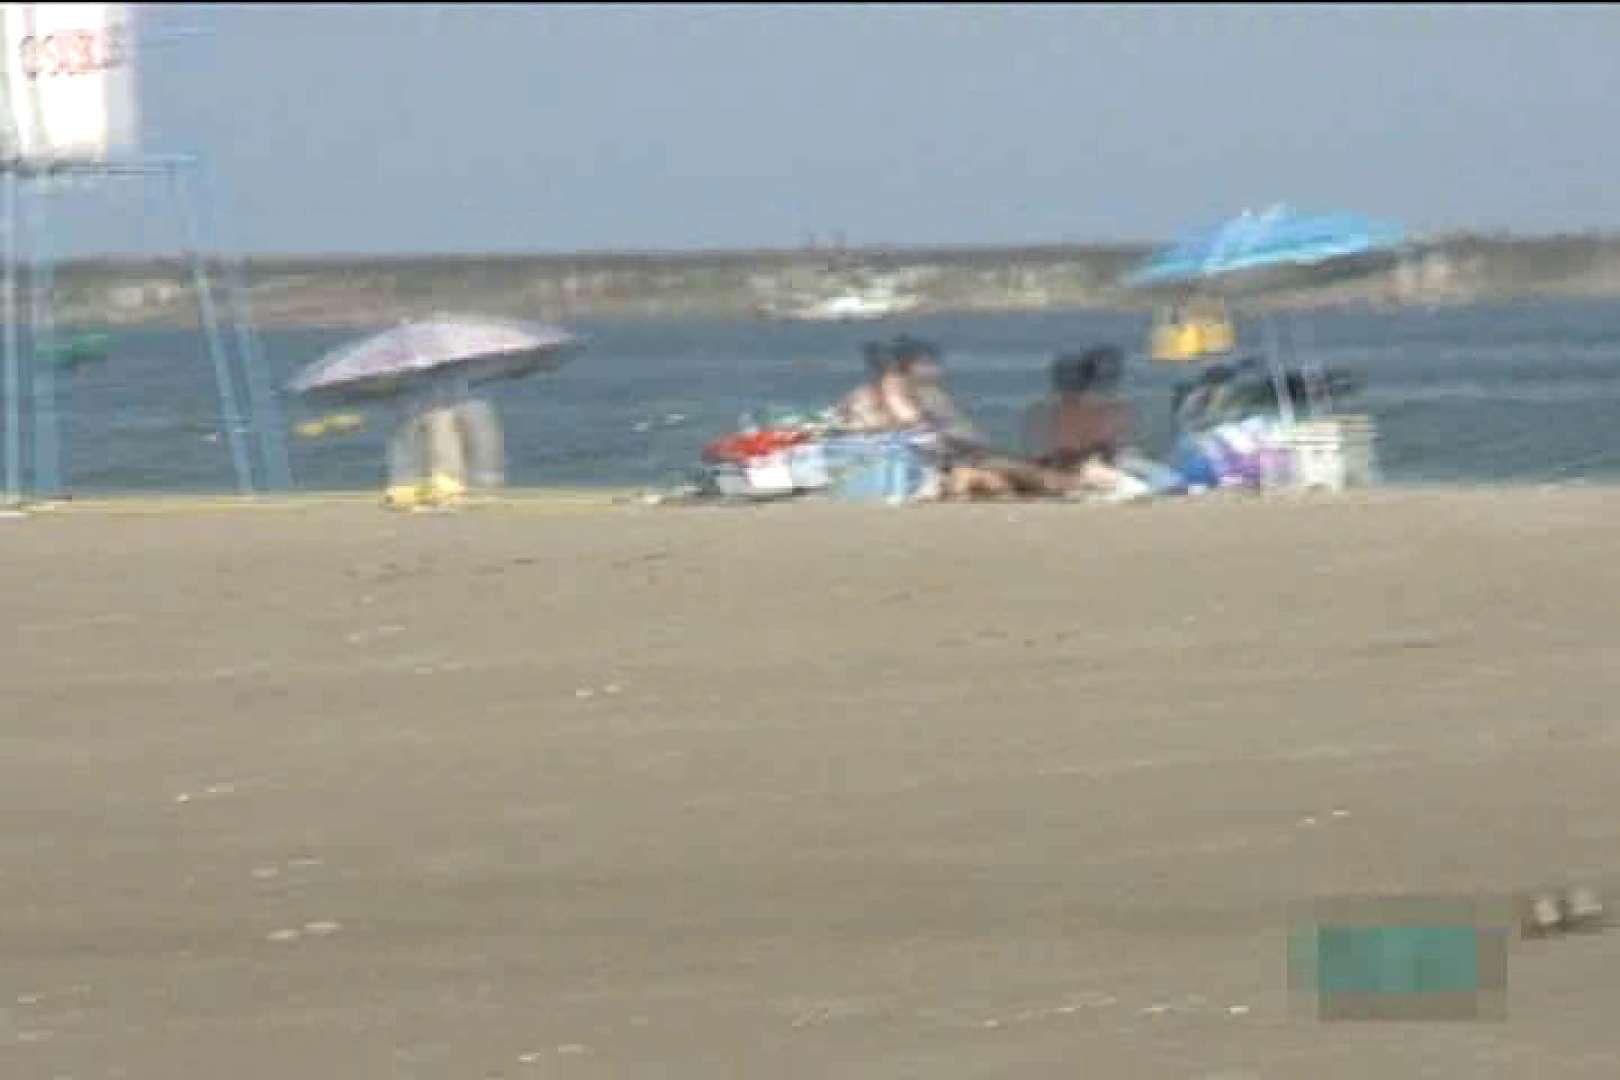 真夏のビーチは危険地帯Vol.3 水着 オマンコ無修正動画無料 79画像 23